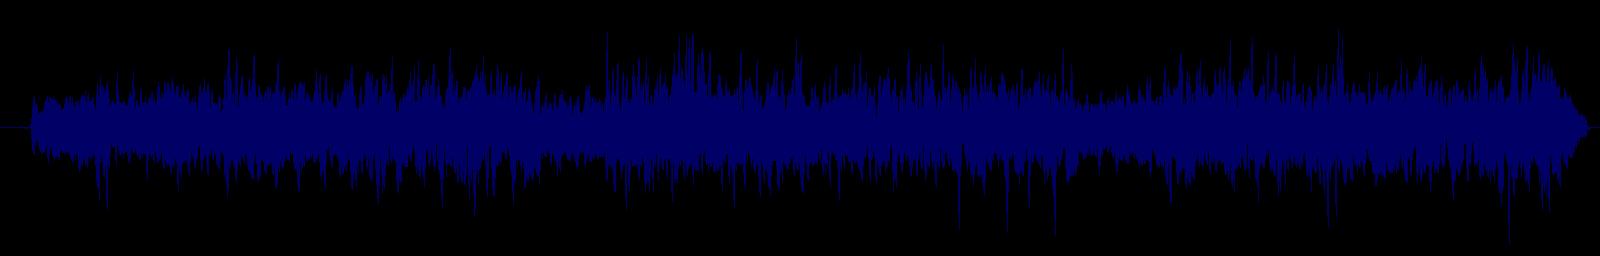 waveform of track #159491